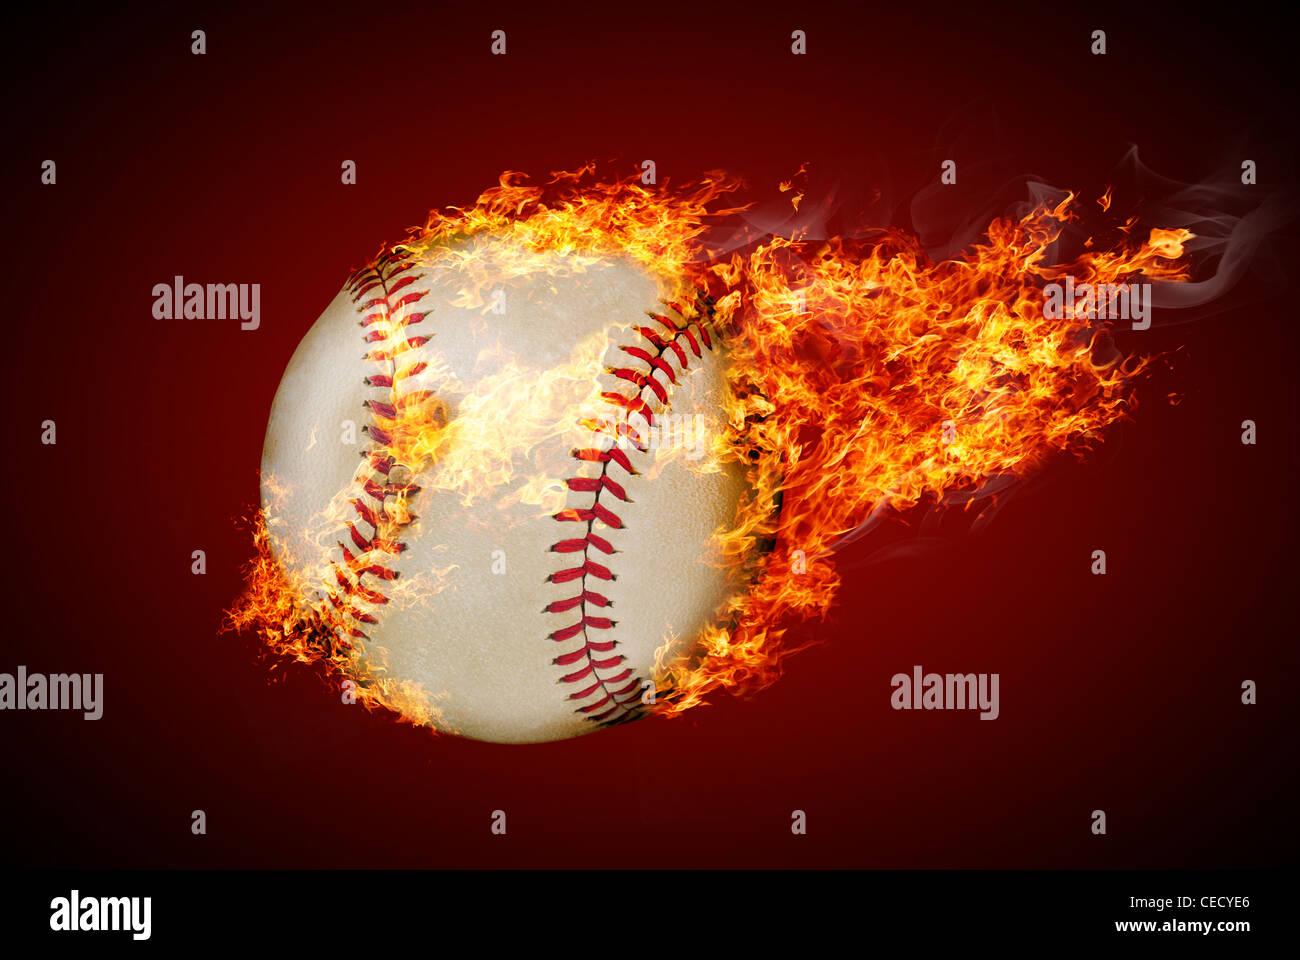 Flying palla da baseball sul fuoco Immagini Stock